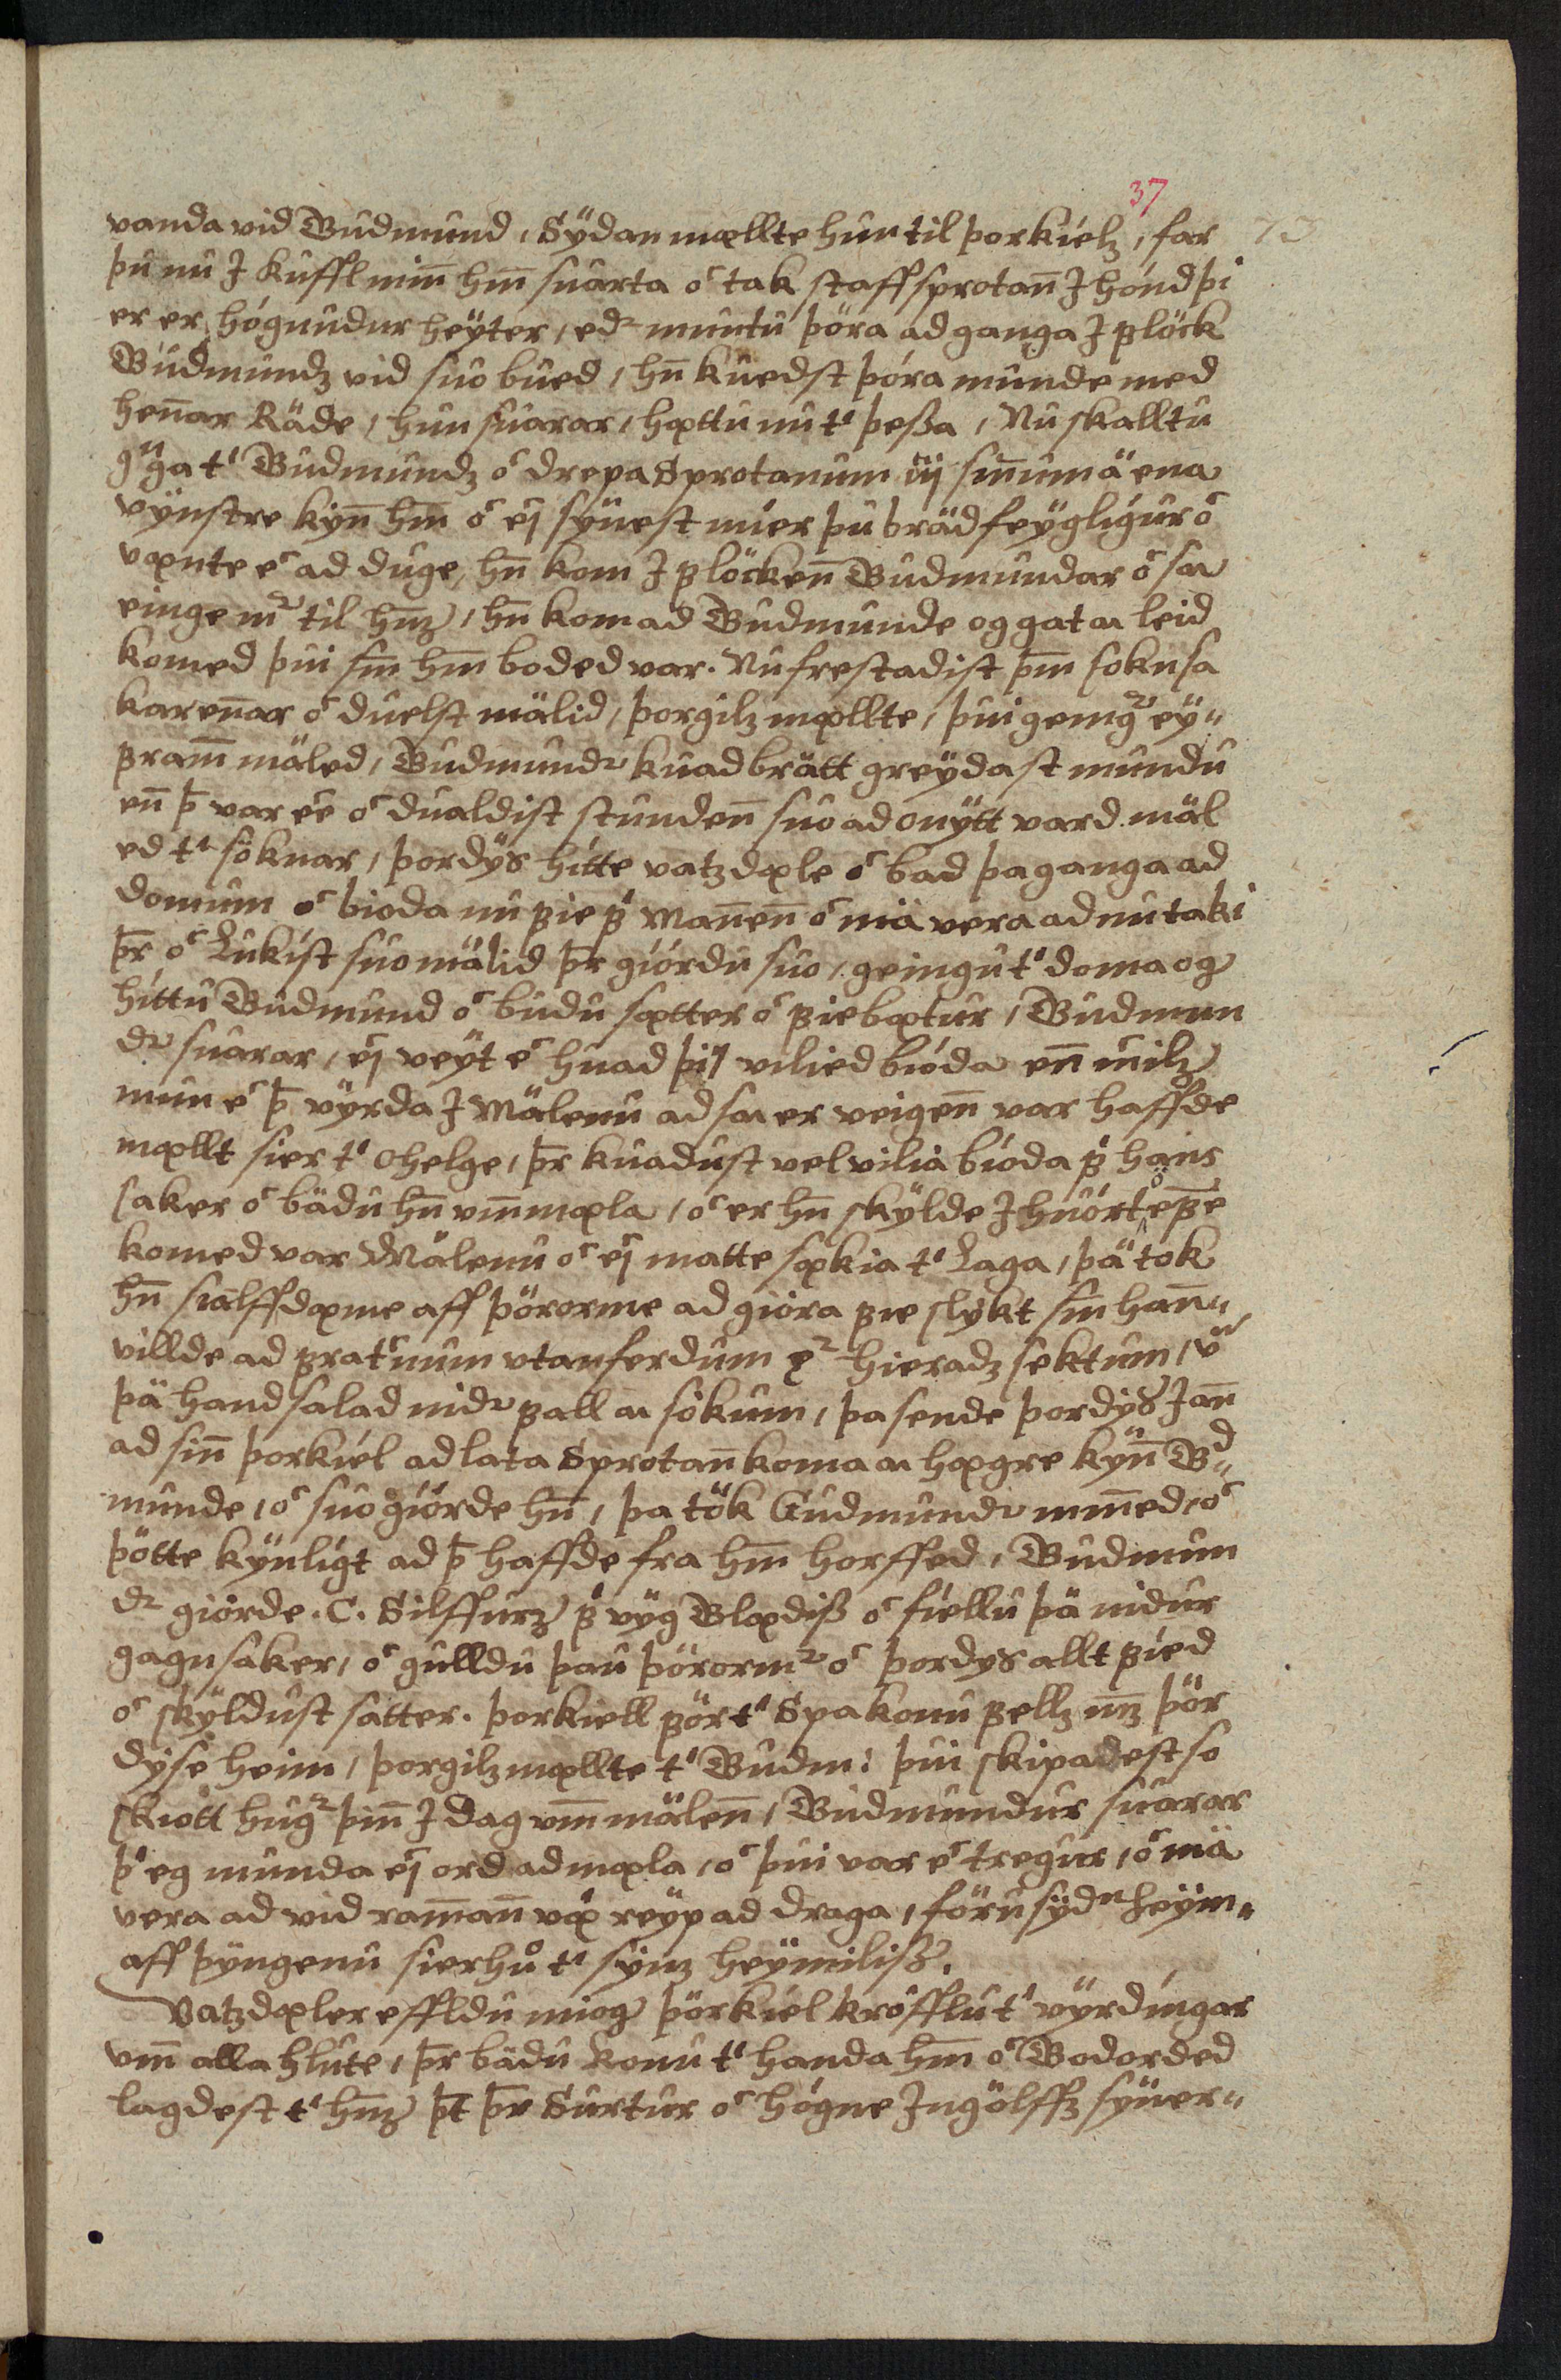 AM 138 fol - 37r